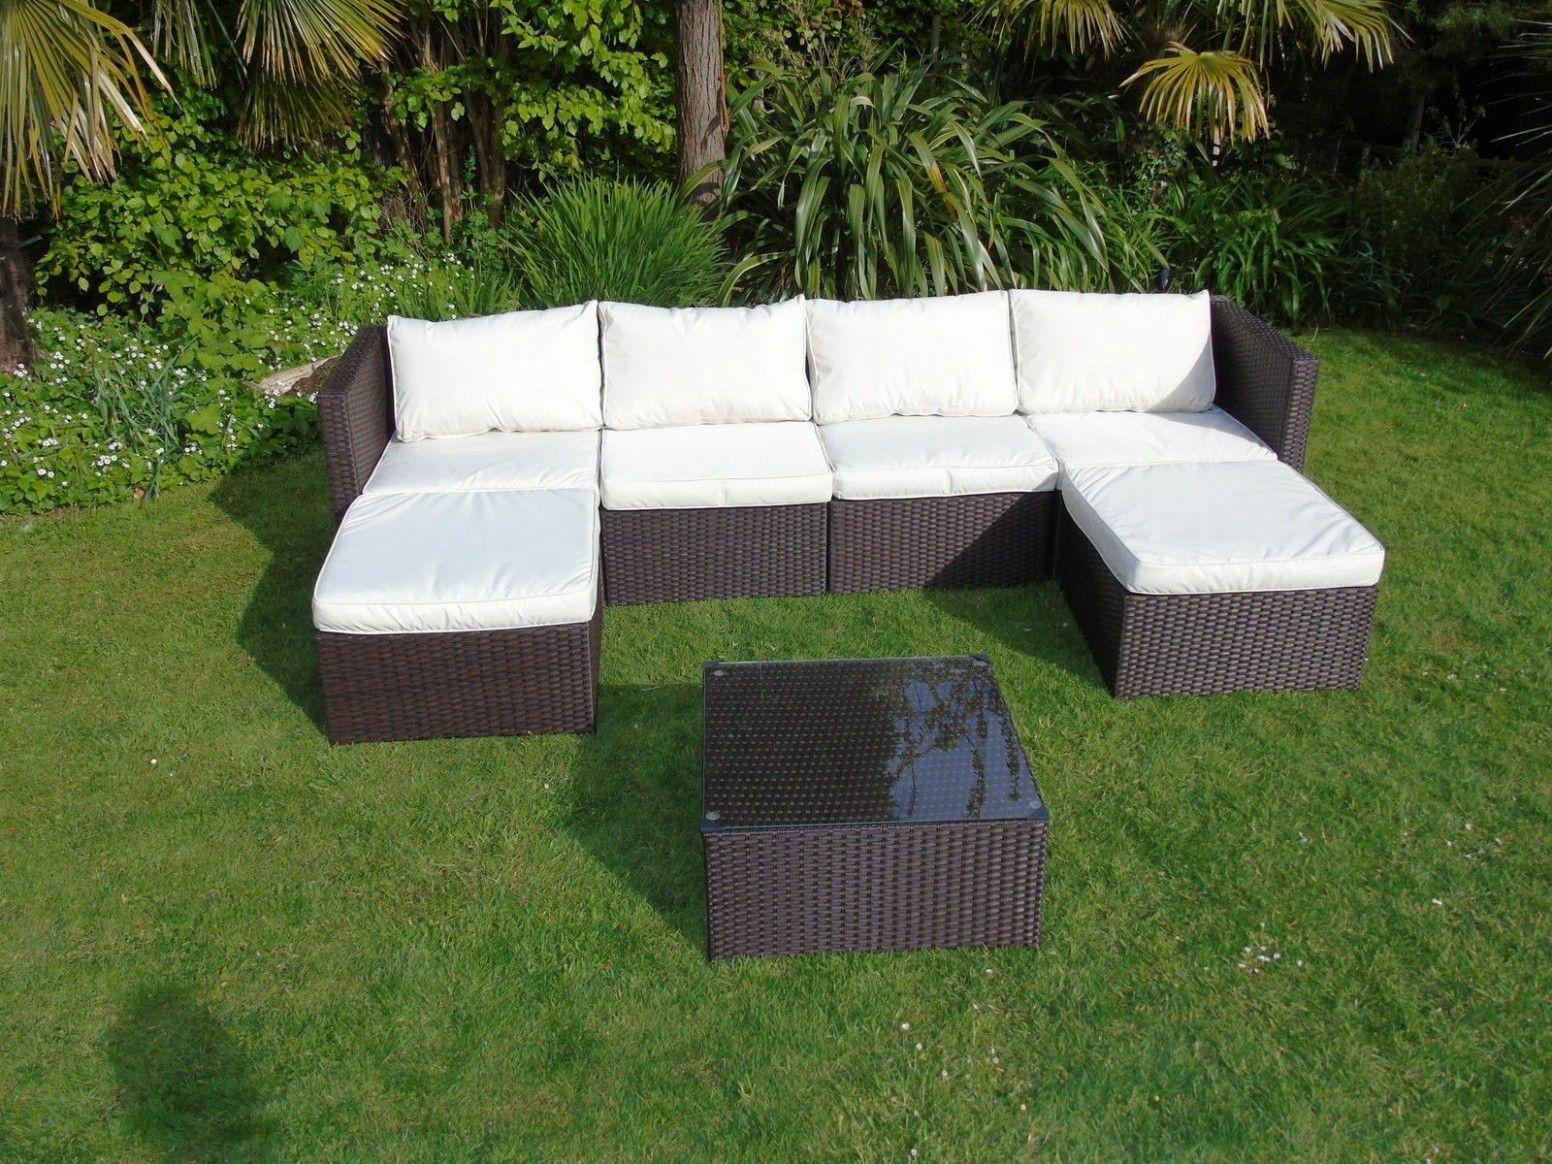 Asda Garden Furniture Garden Furniture On Ebay In 2020 Outdoor